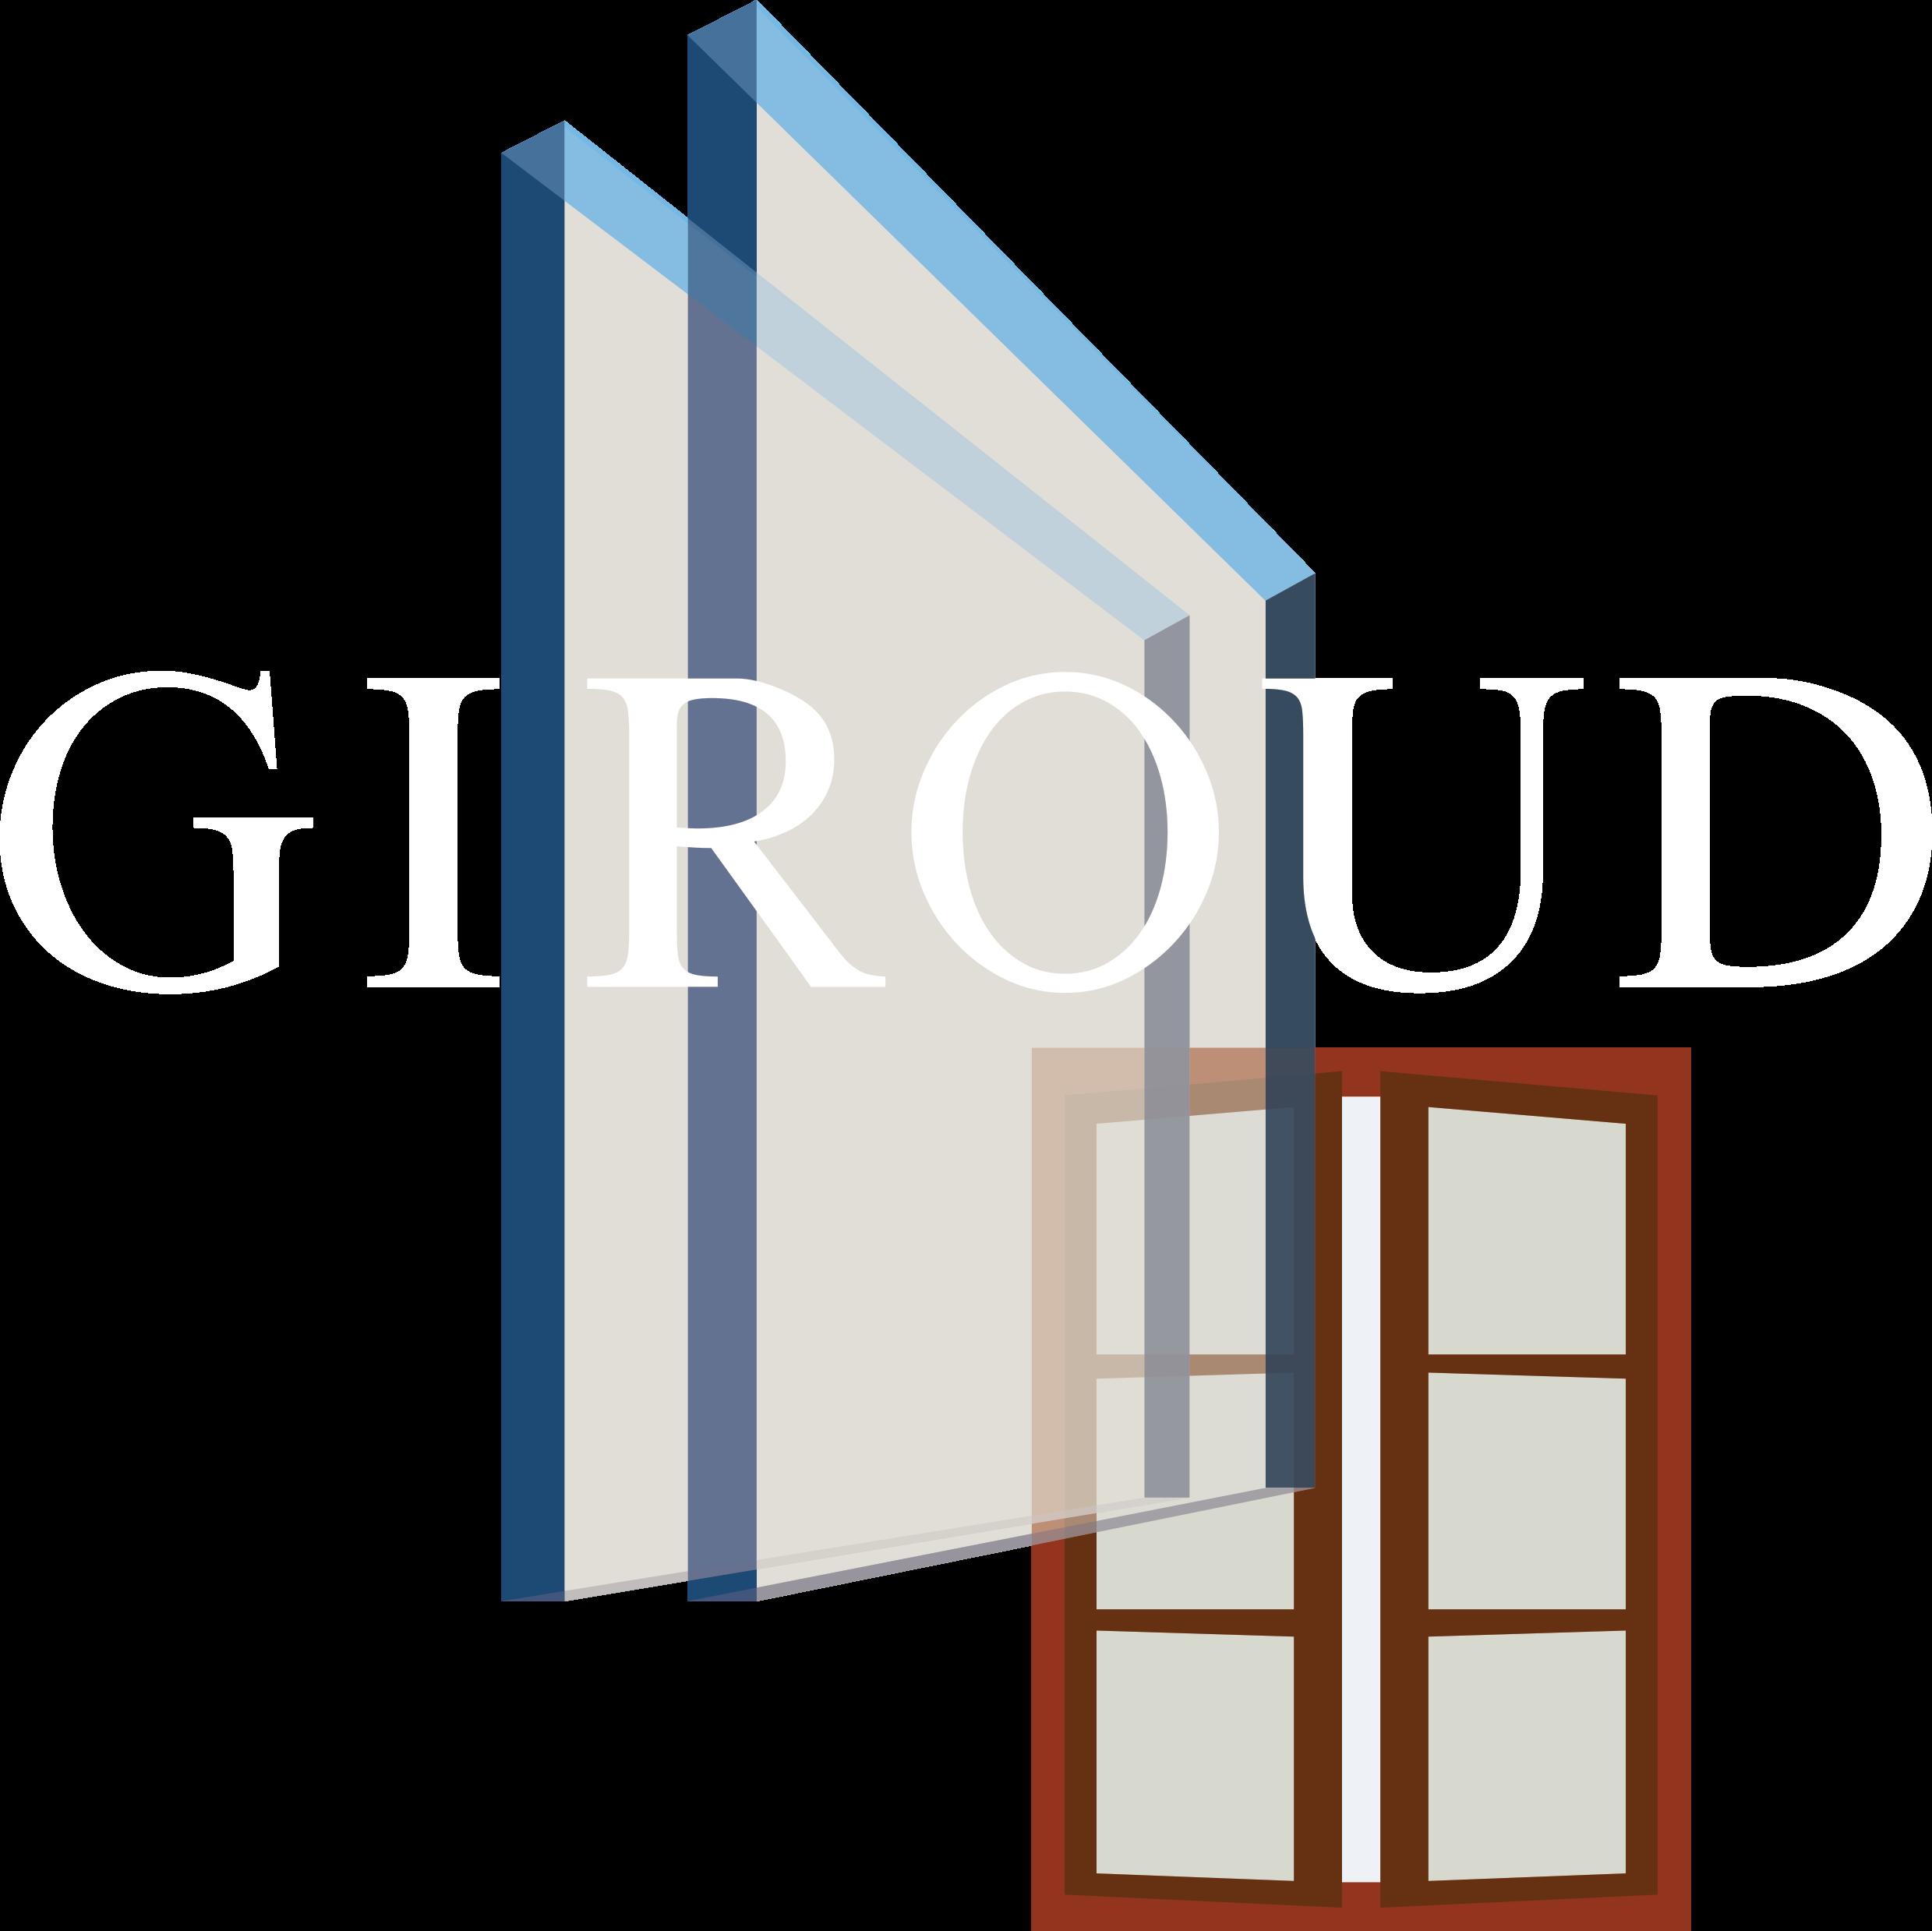 Vitrerie Giroud